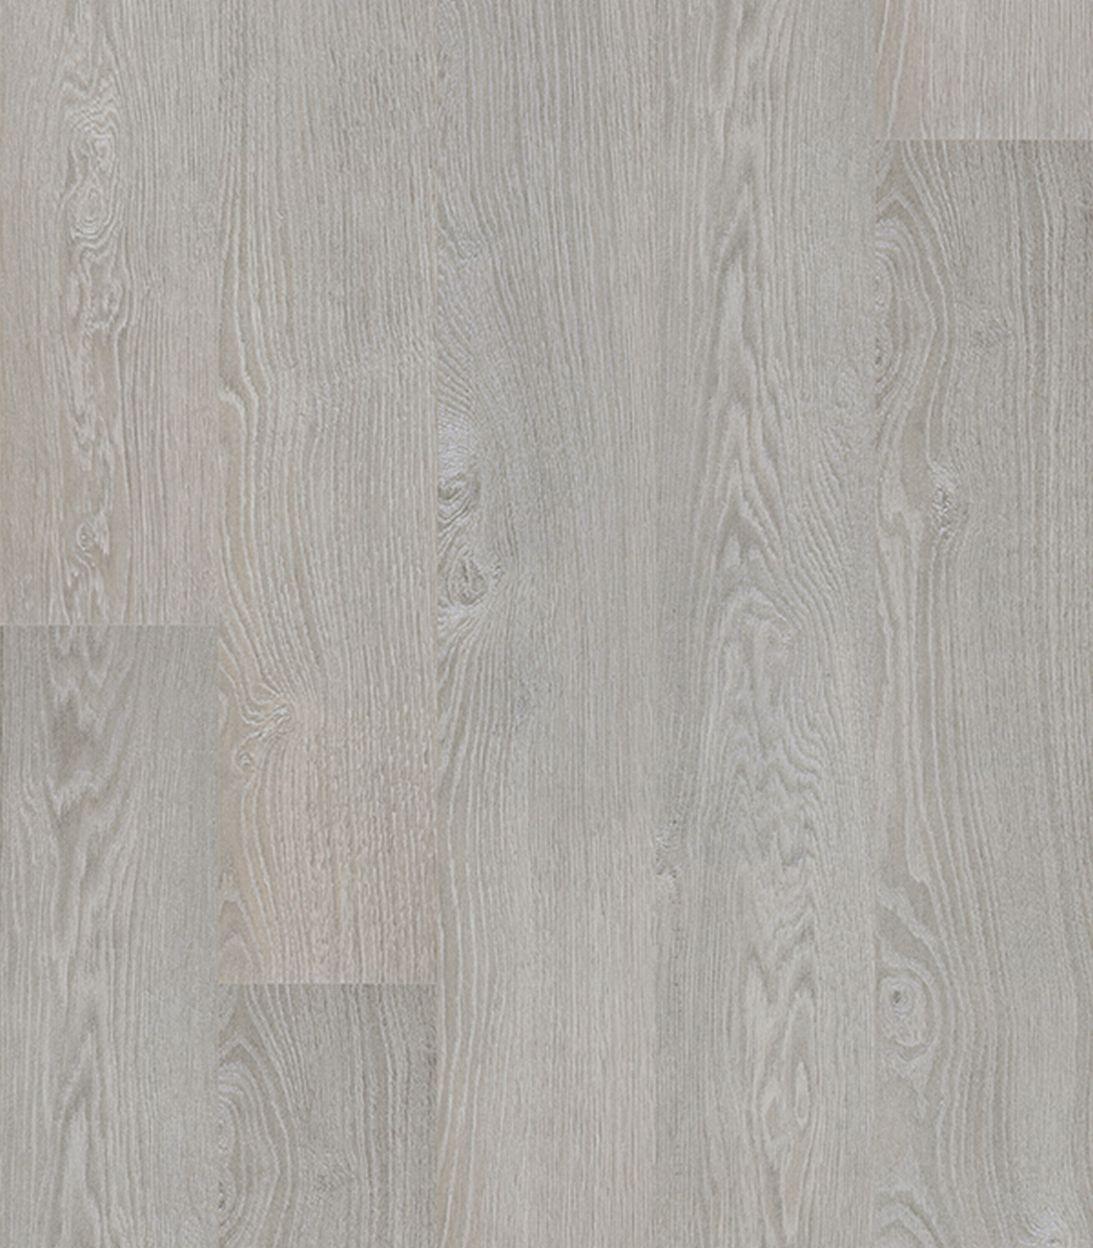 Ламинат 32 кл Quick Step Desire дуб светло-серый серебристый 8 мм, Светлый  - Купить